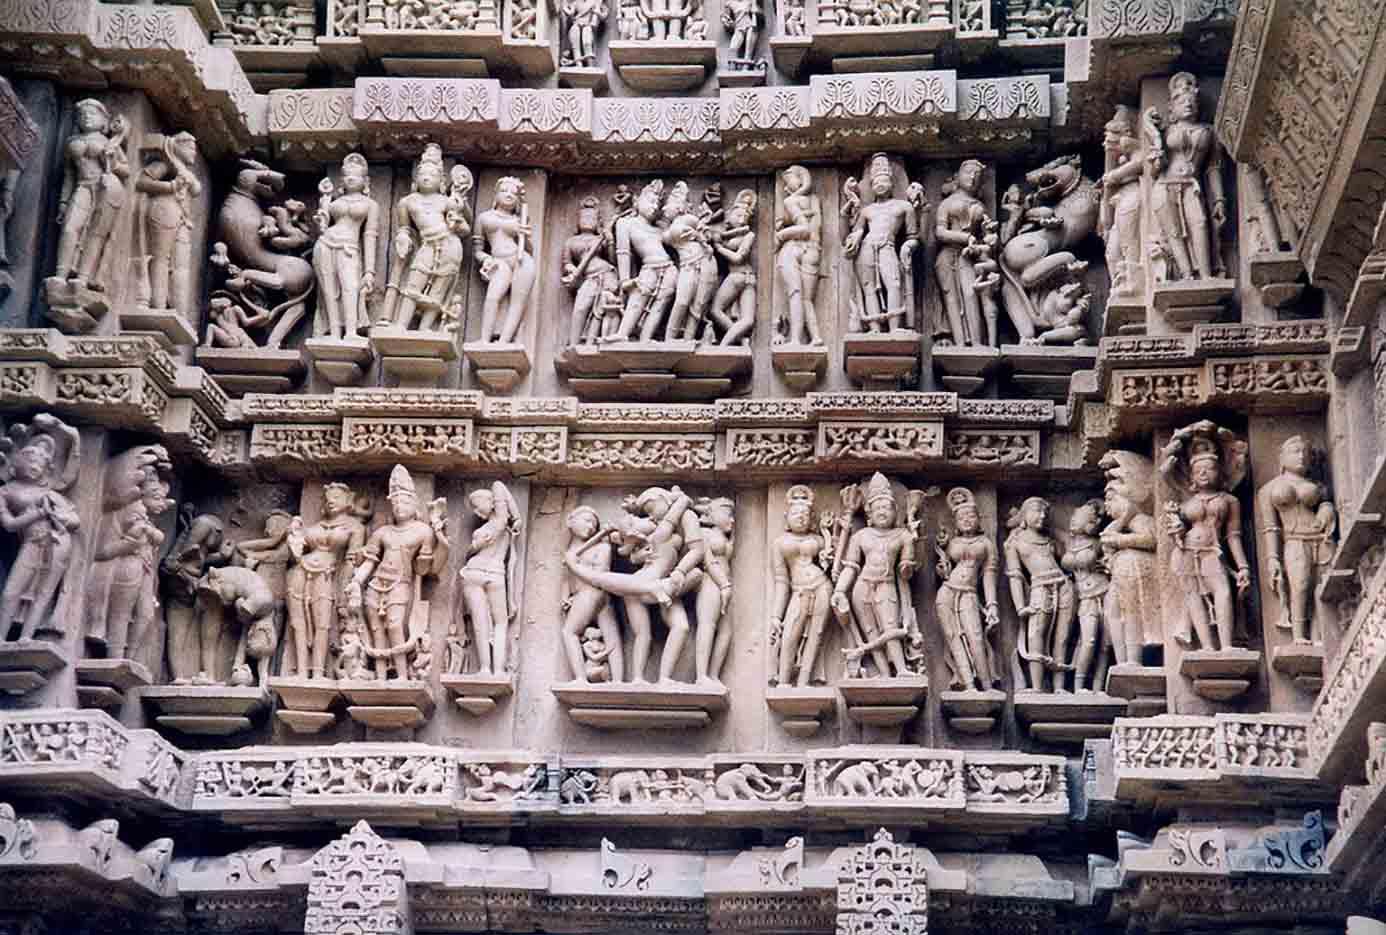 Храмы Кхаджурахо, Khajuraho Temples - 19